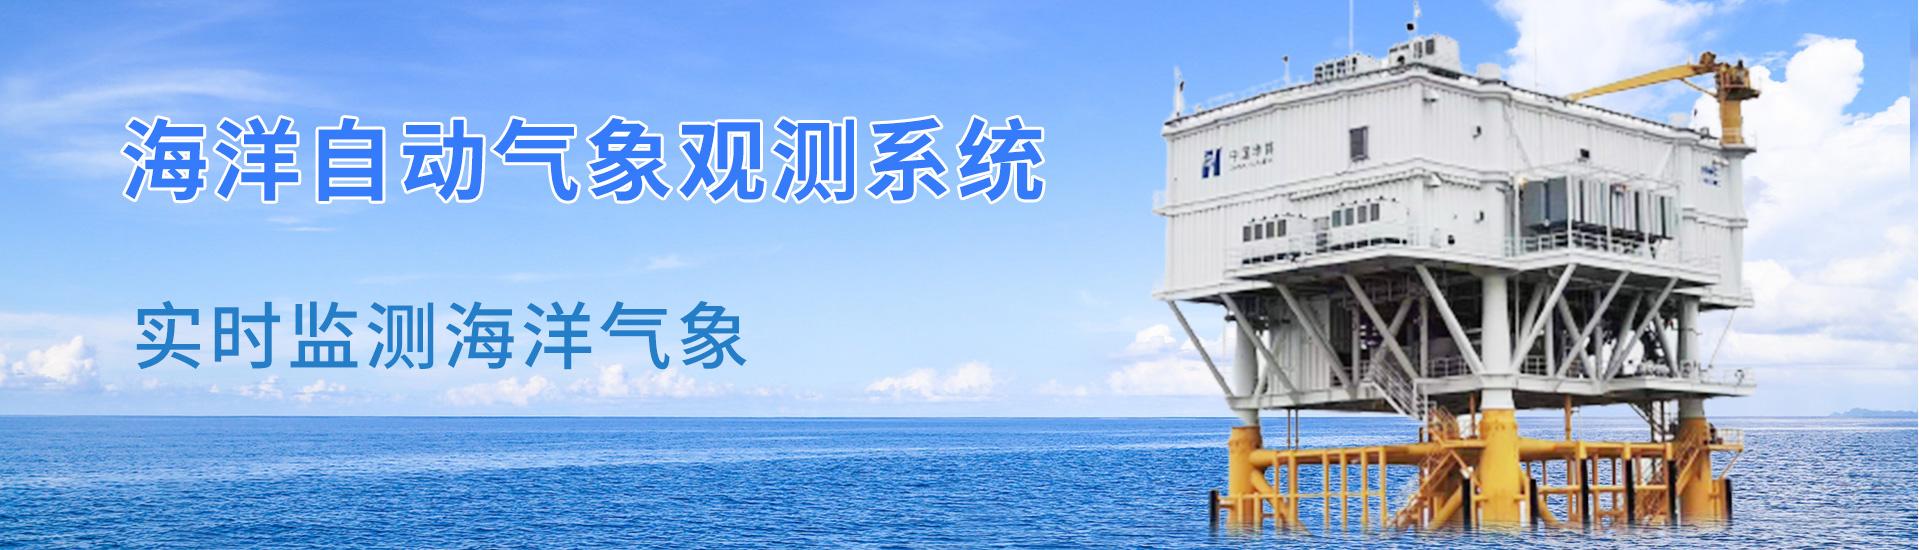 海洋气象监测系统